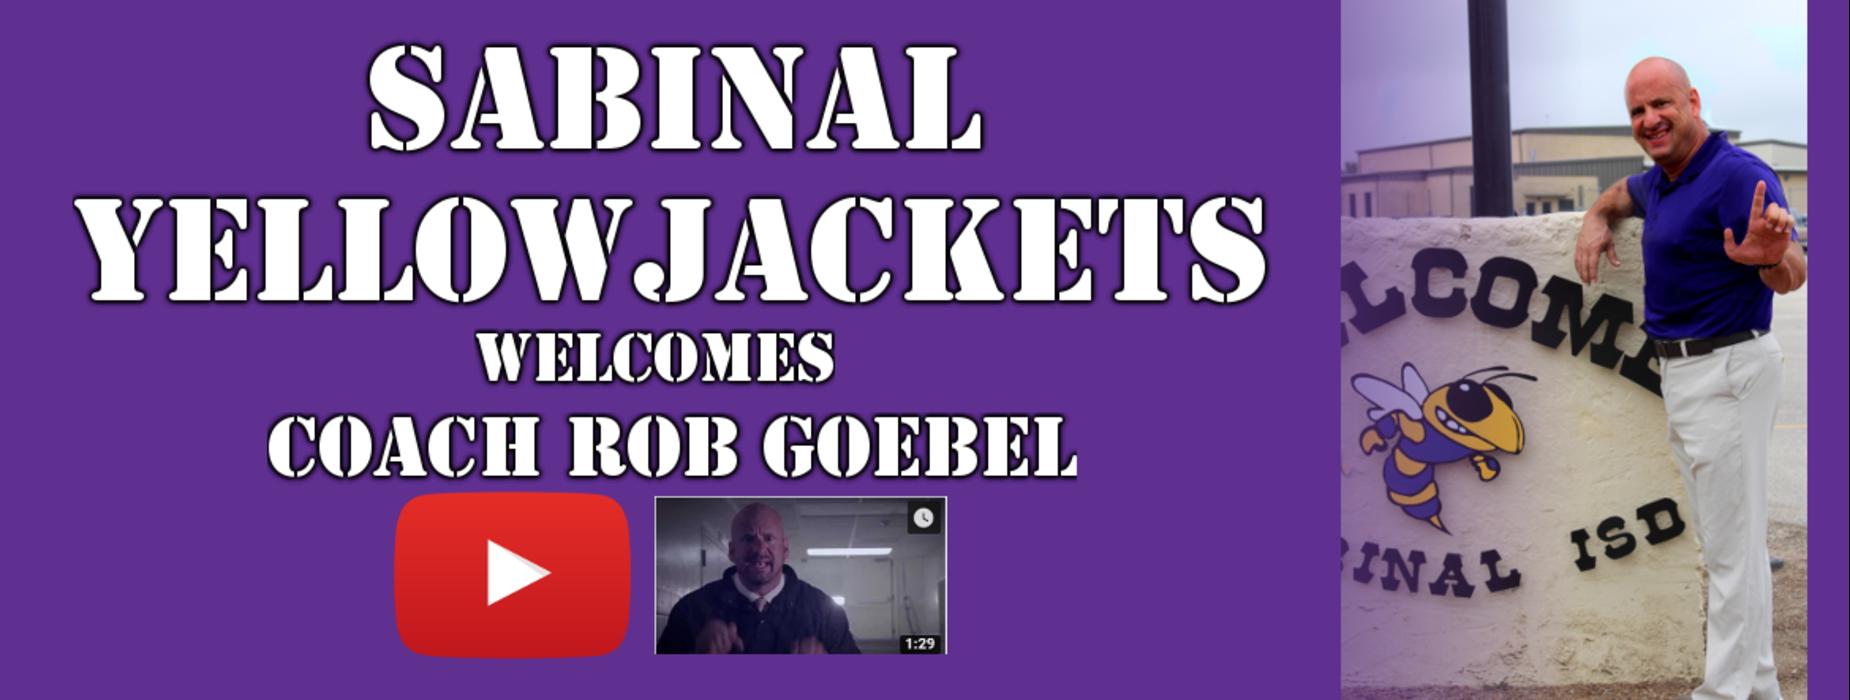 Welcome Coach Goebel